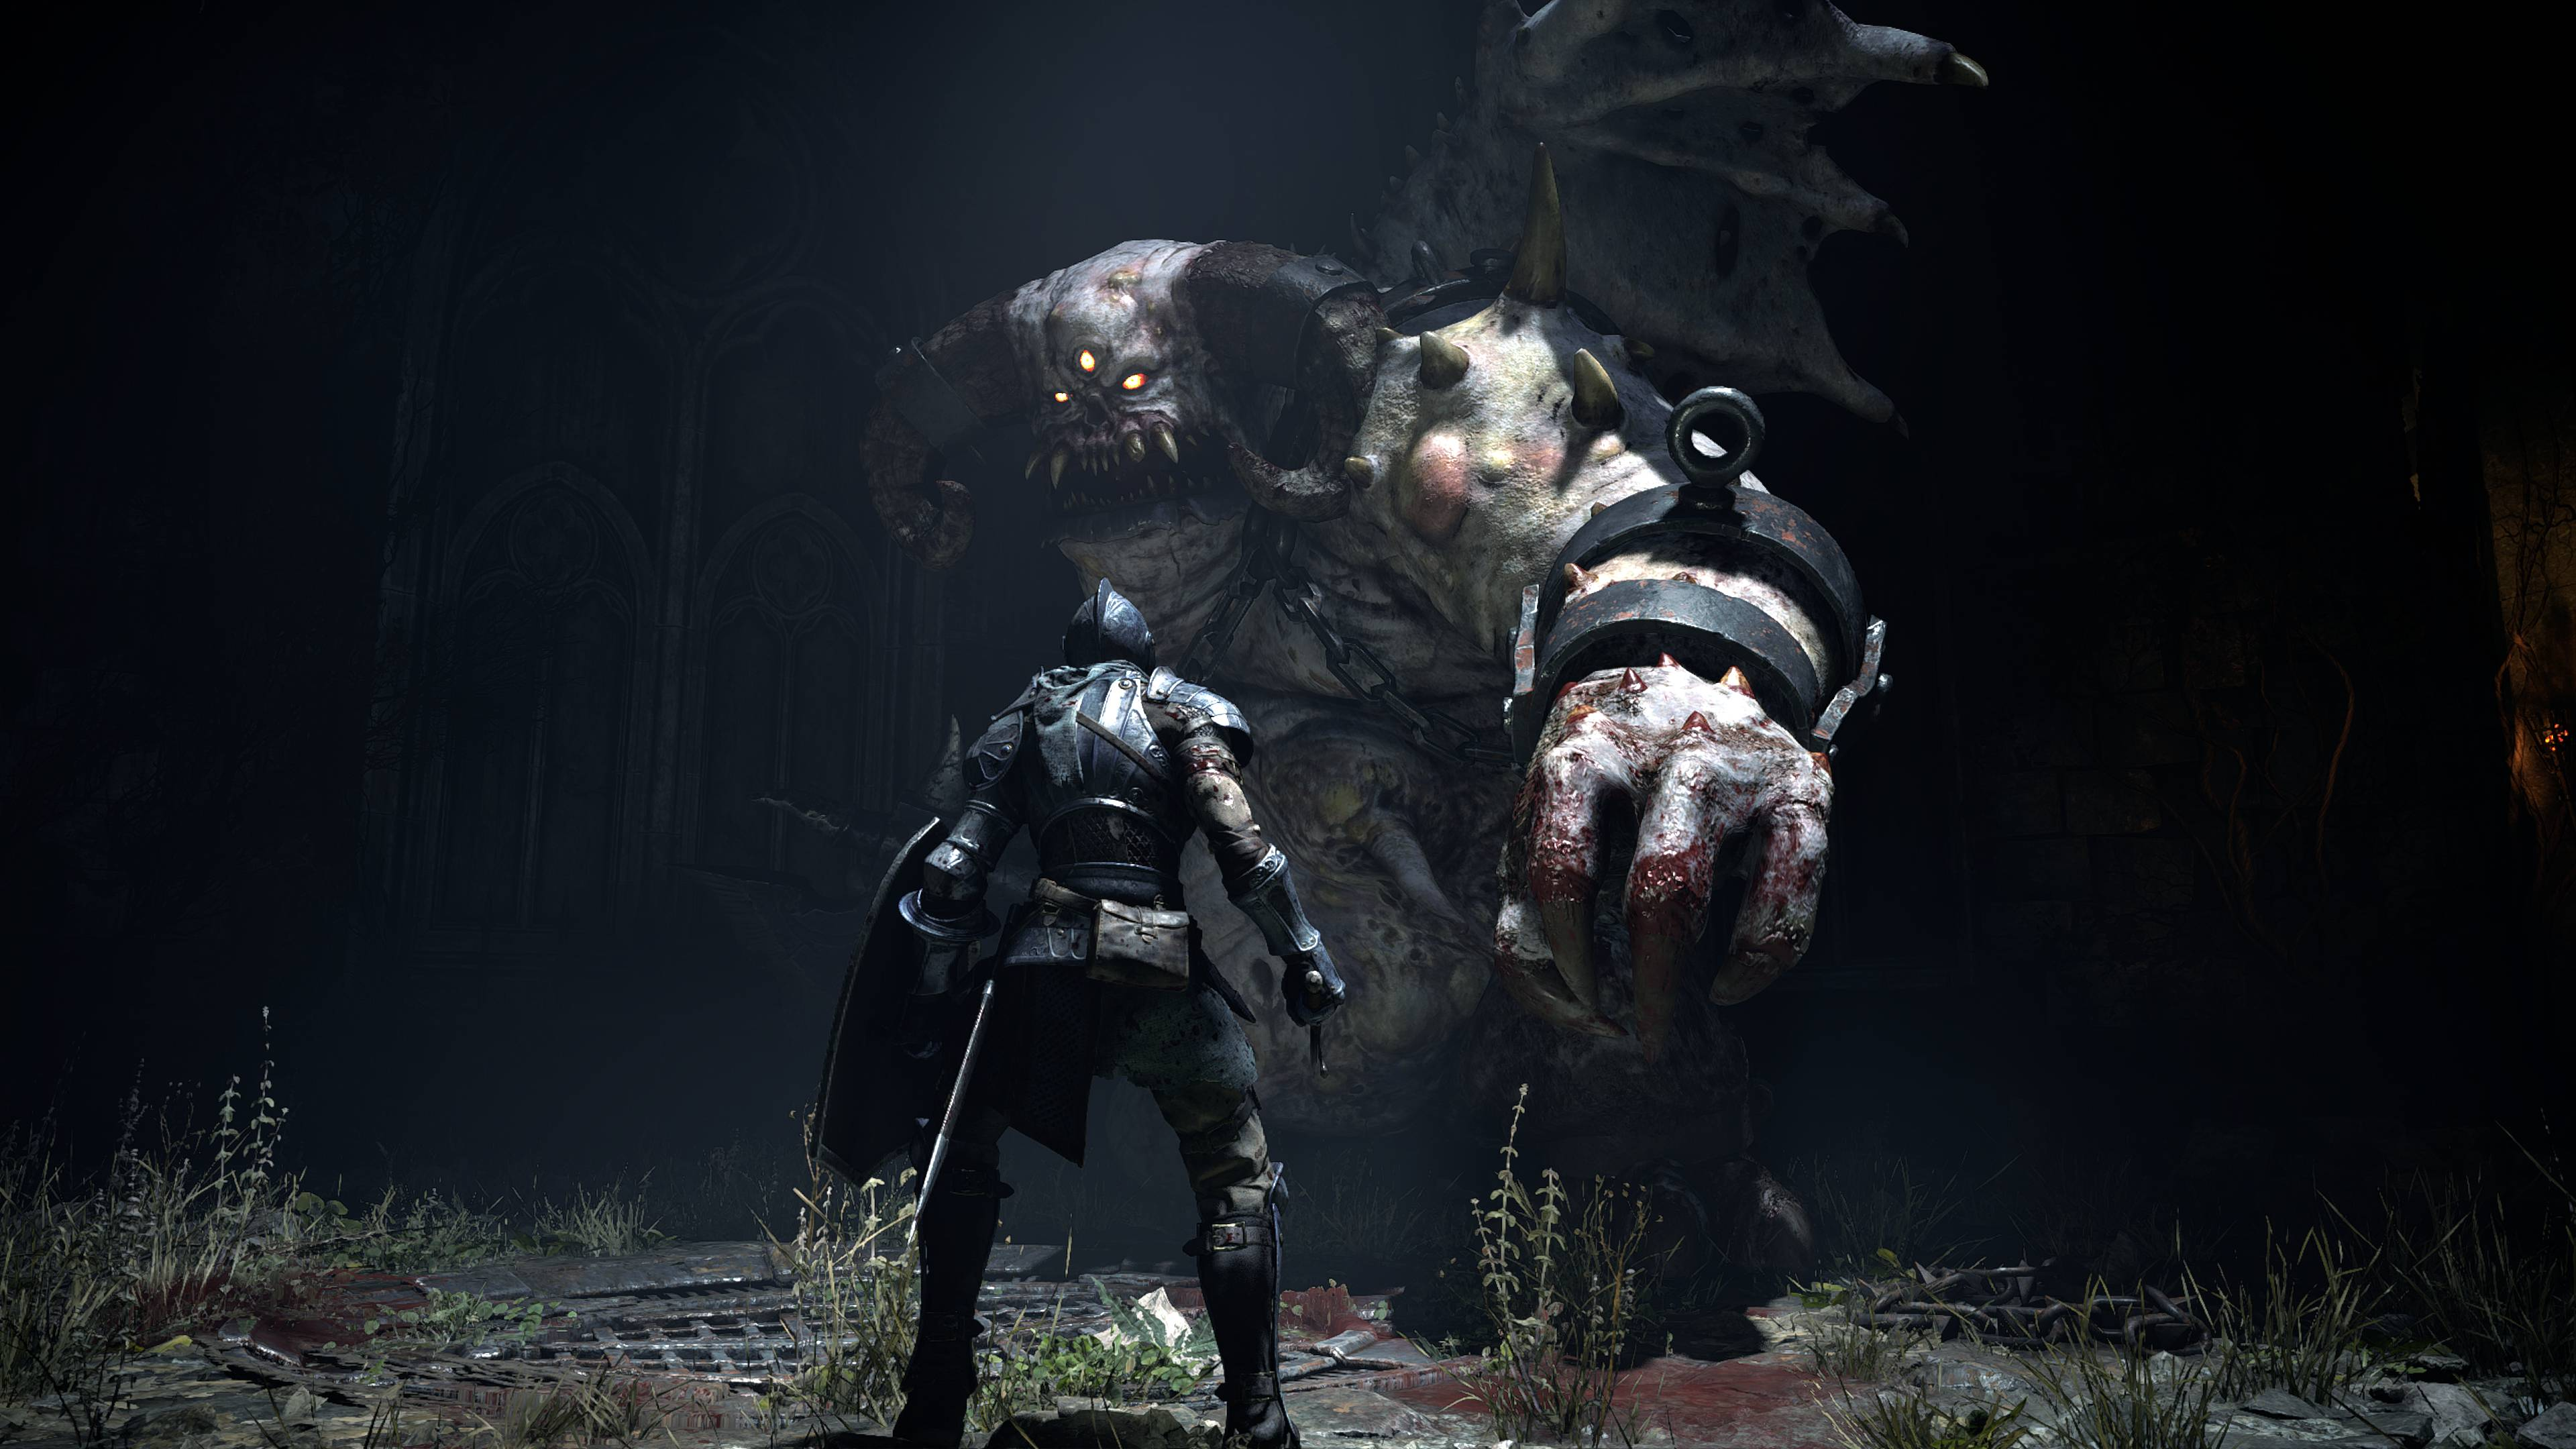 Demon's Souls boss fight